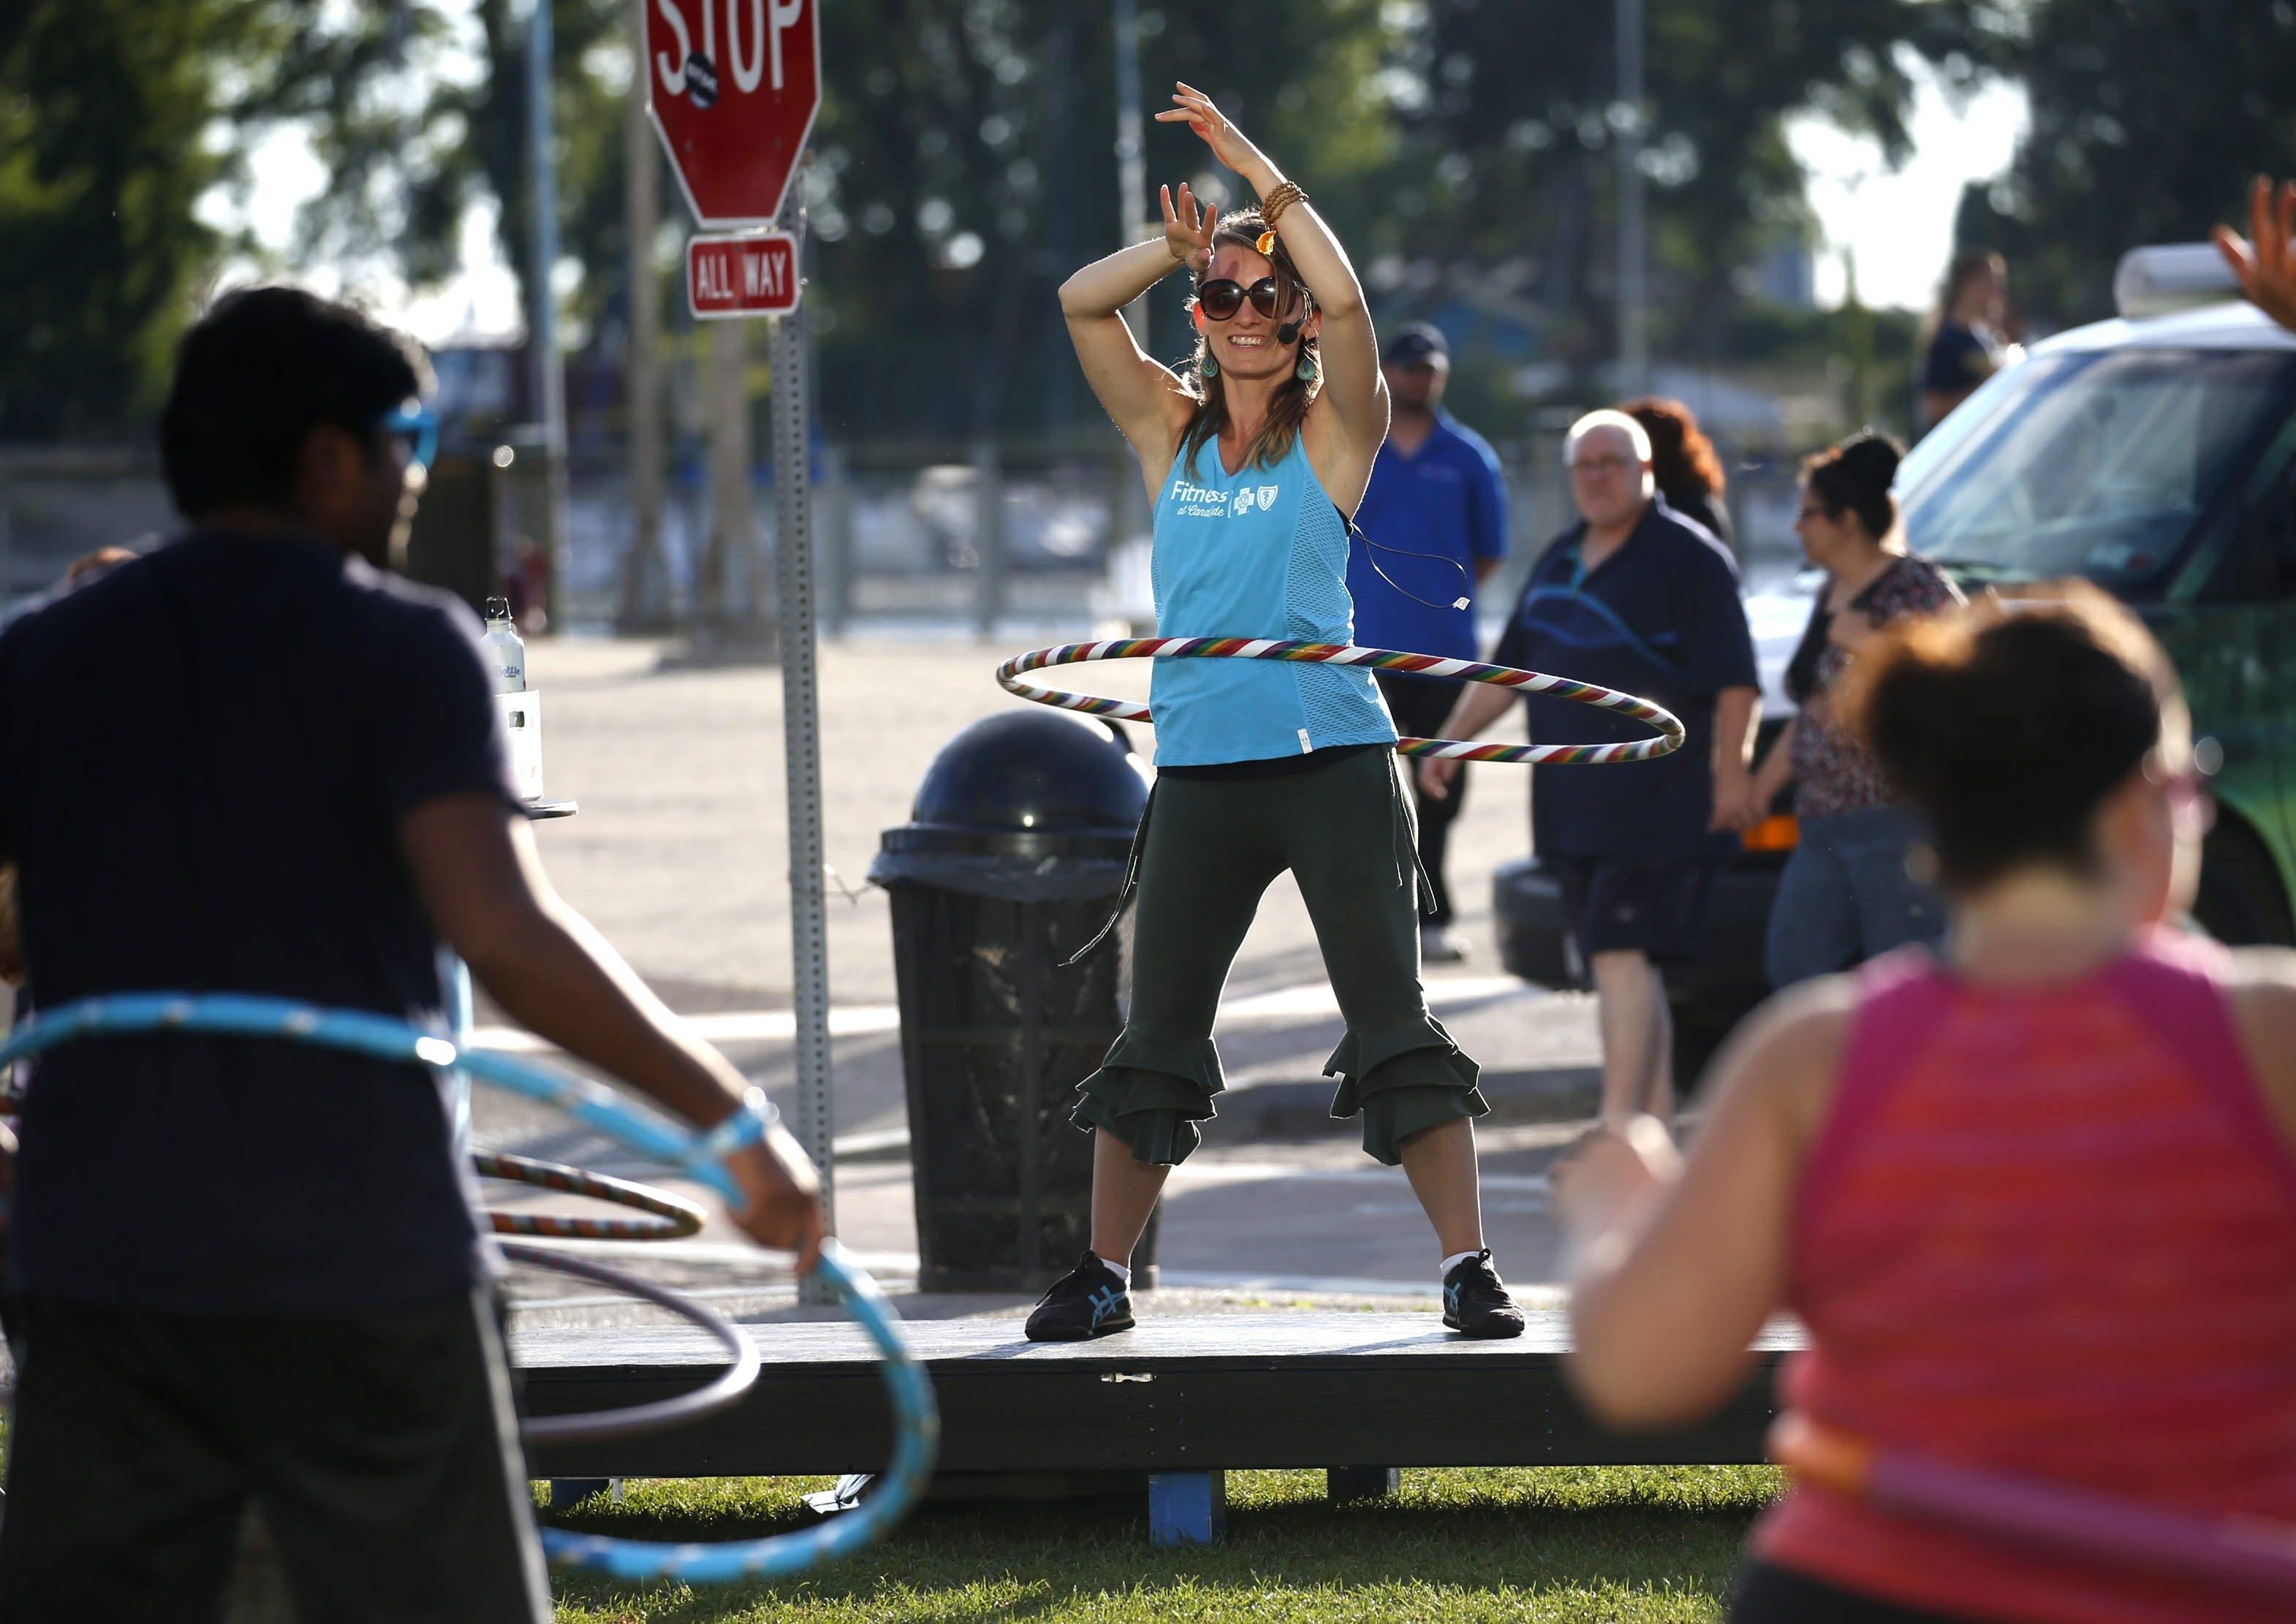 Kristin Damstetter leads a hula hoop class at Canalside on June 23.  (Robert Kirkham/Buffalo News)